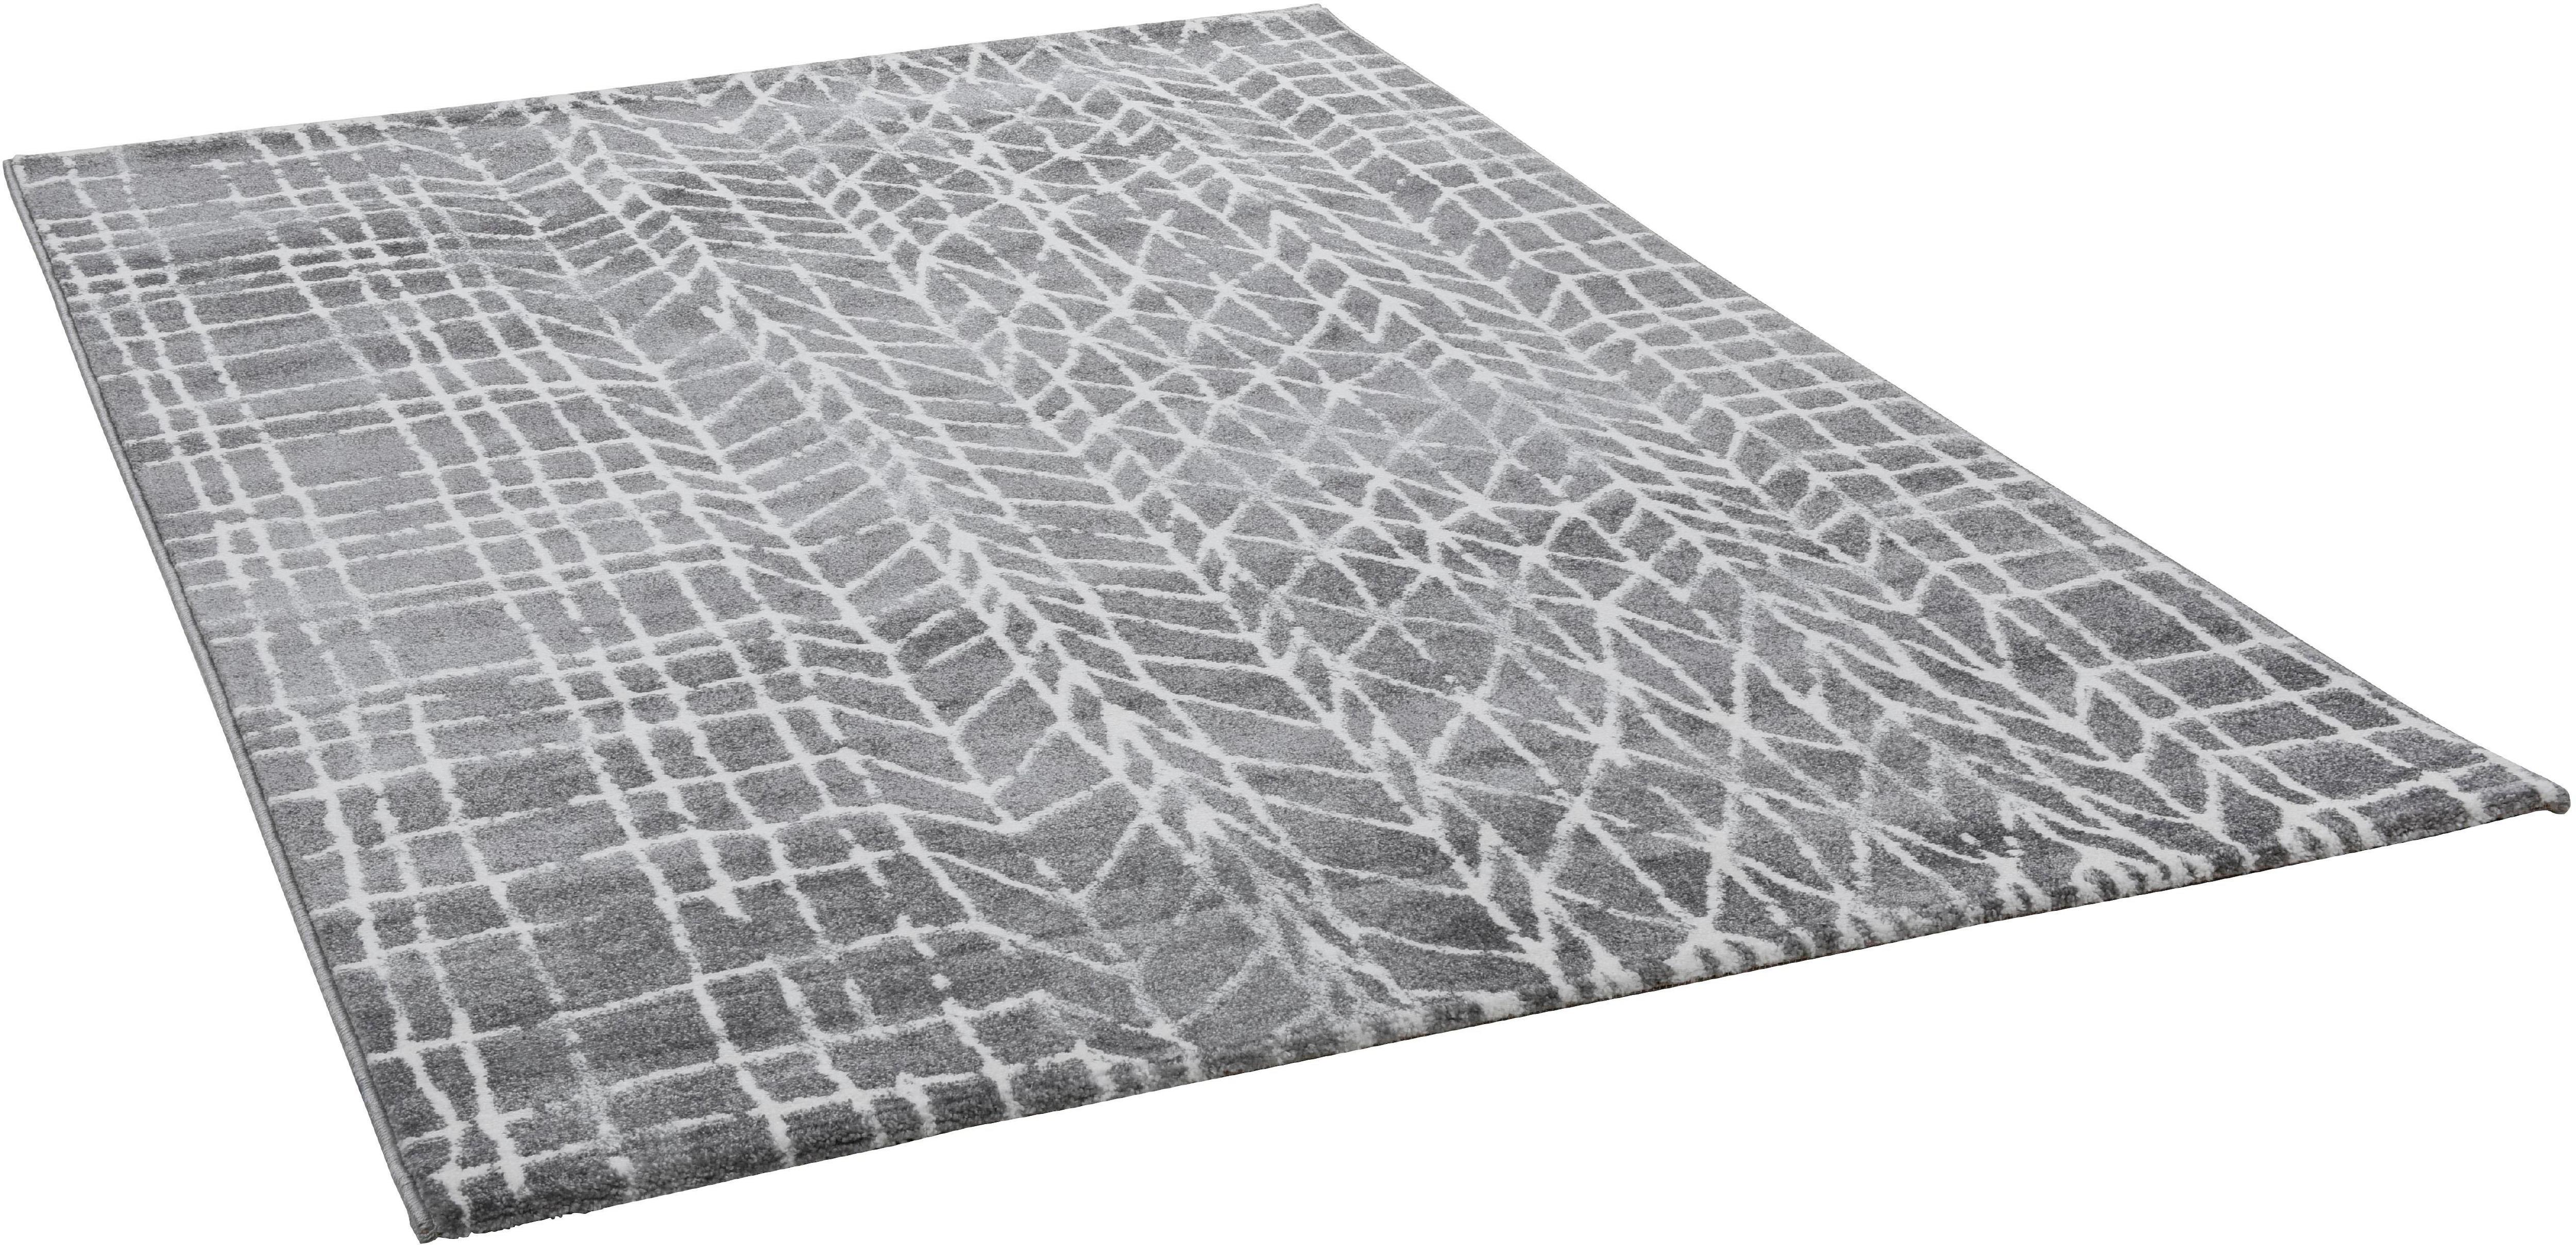 Teppich Monia 8020 Gino Falcone rechteckig Höhe 11 mm maschinell gewebt